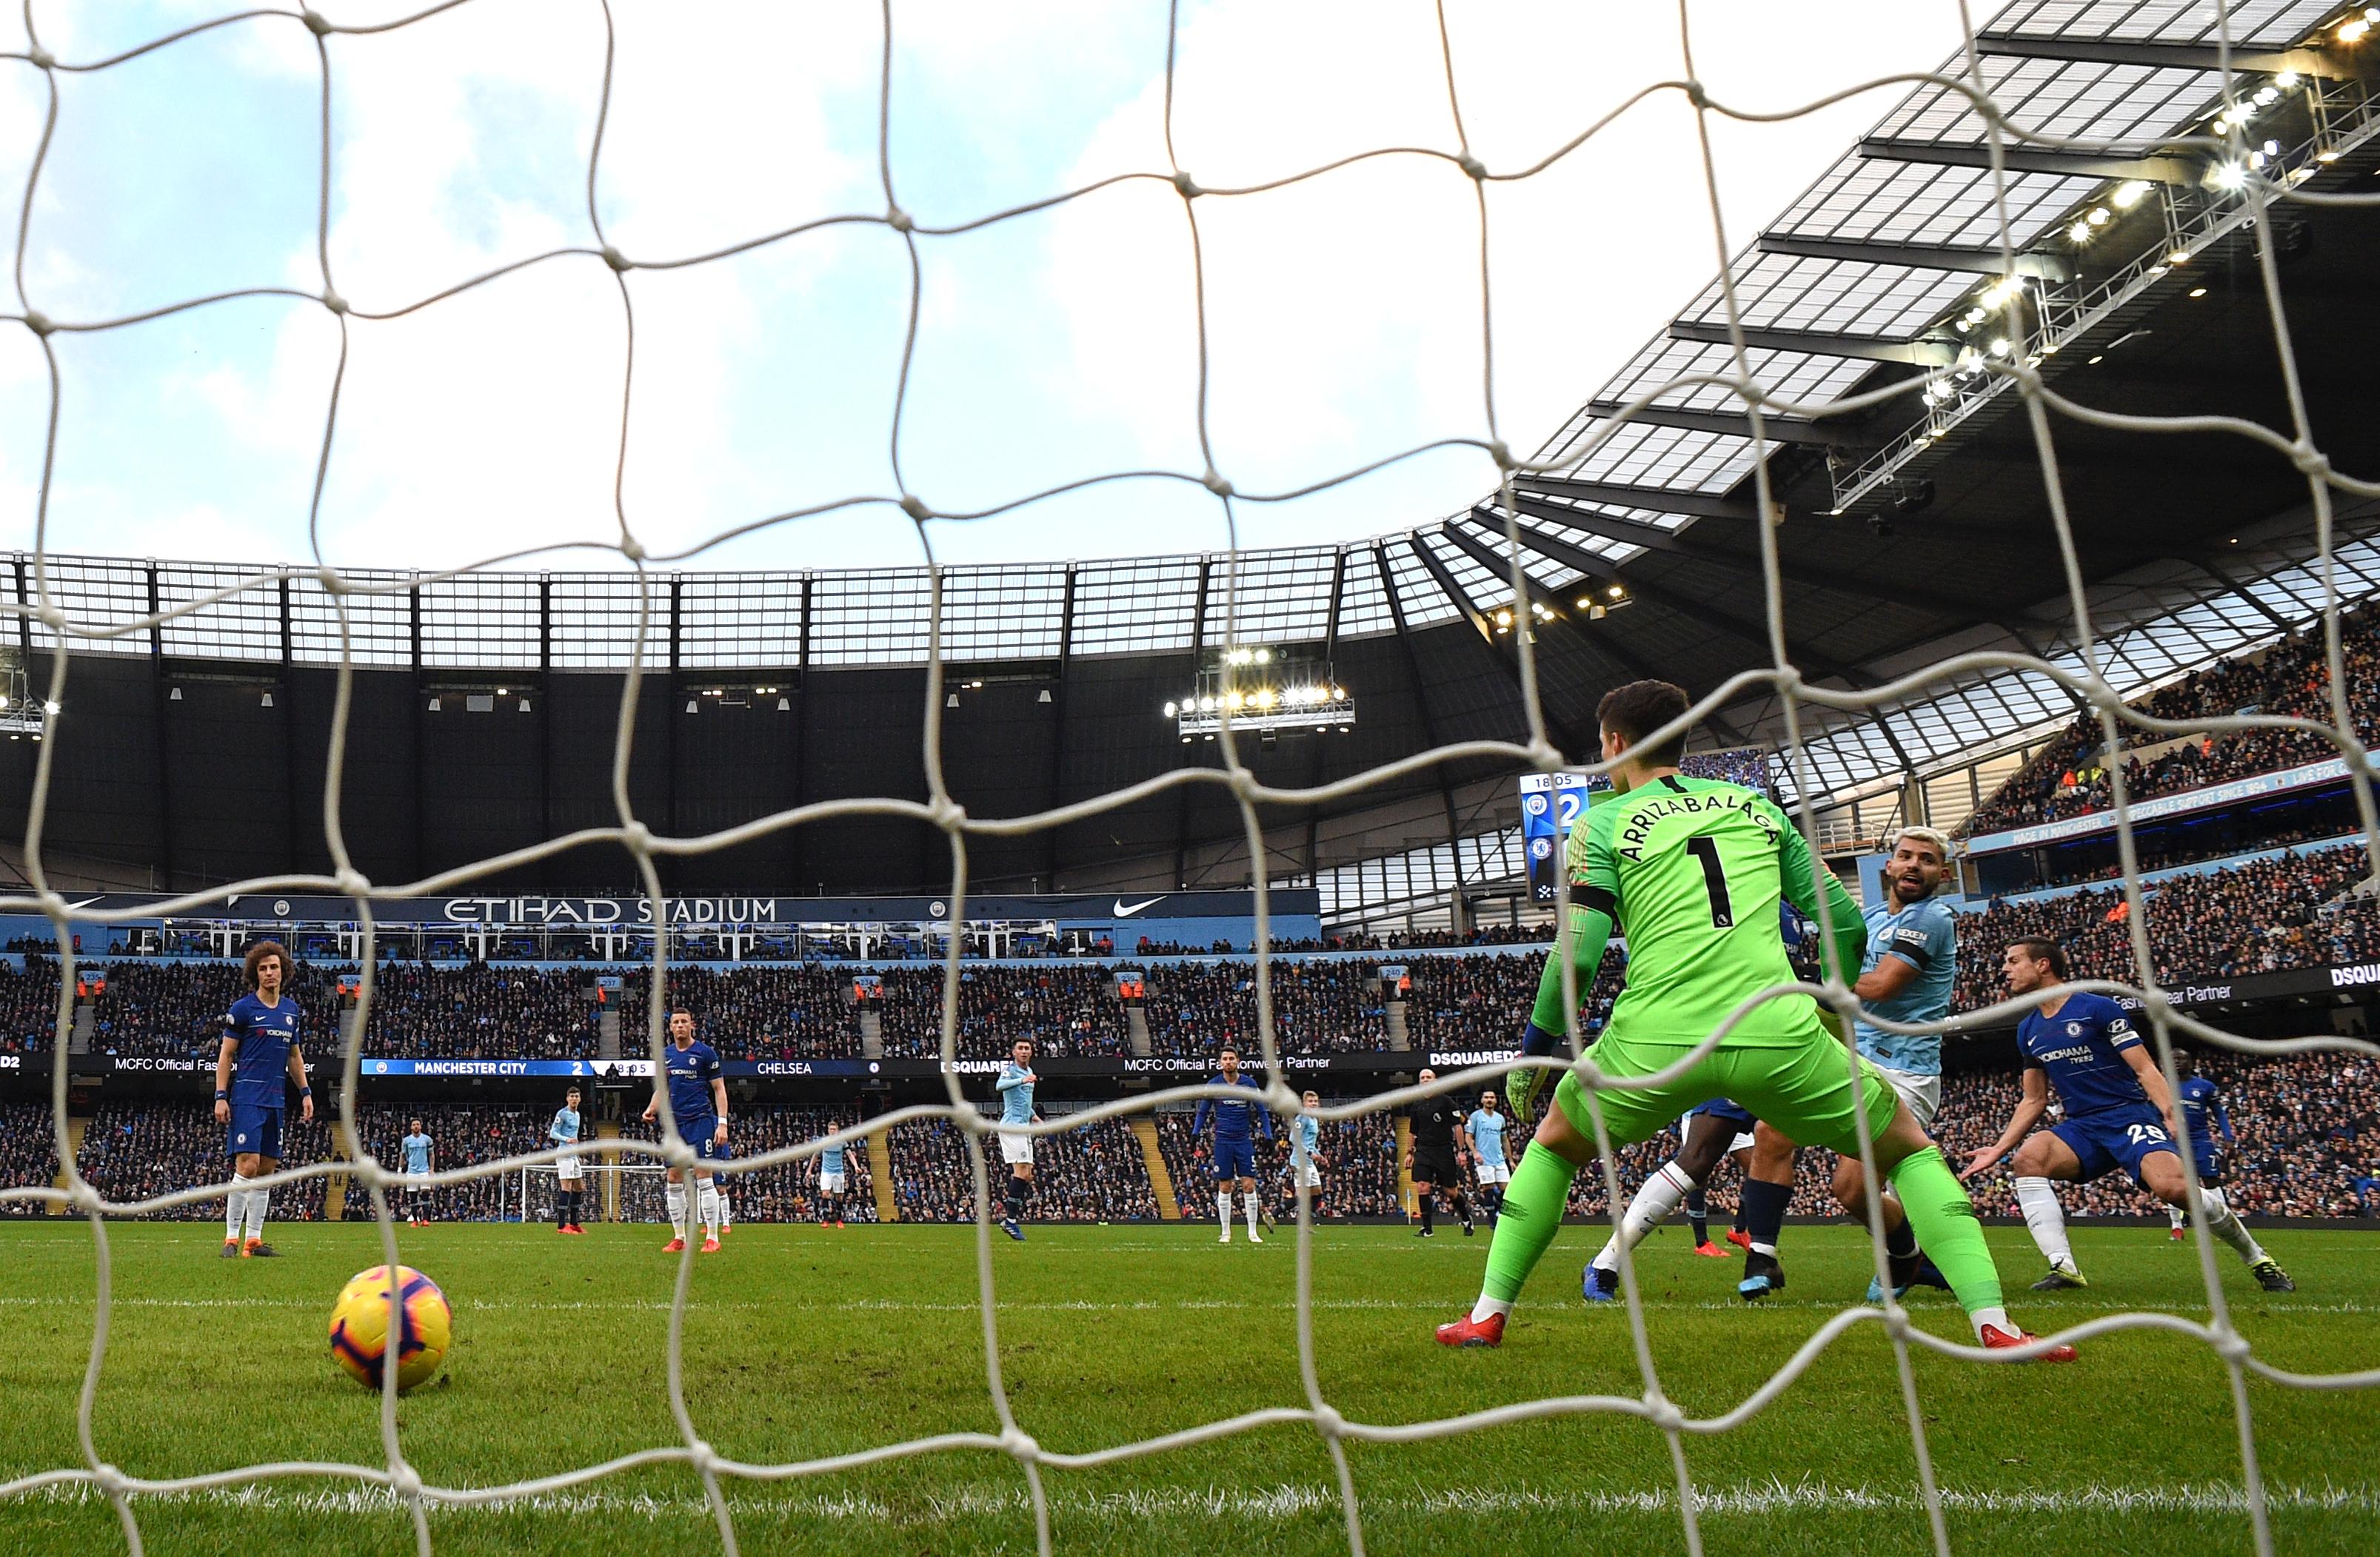 Con media docena de goles el Manchester CIty superó al Chelsea. Este fue uno de los goles de Sergio Agüero. (Foto Prensa Libre: AFP)